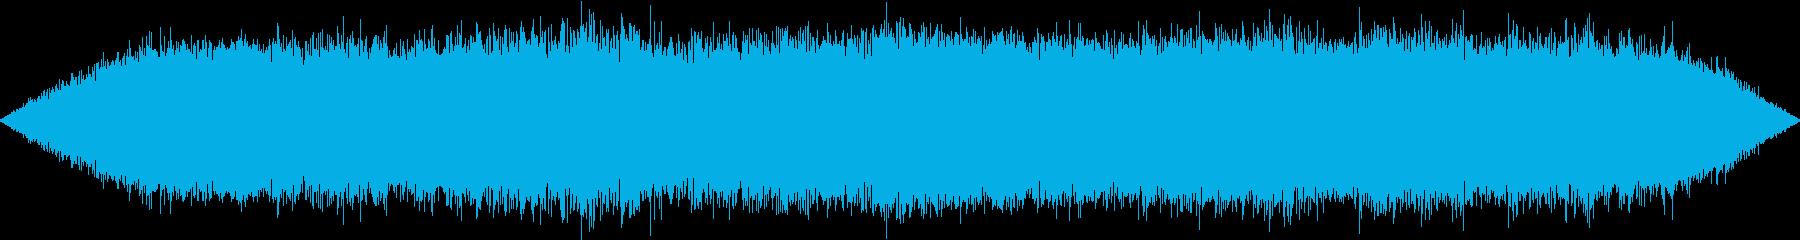 【生録音】初夏の夜の環境音 虫の声 1の再生済みの波形